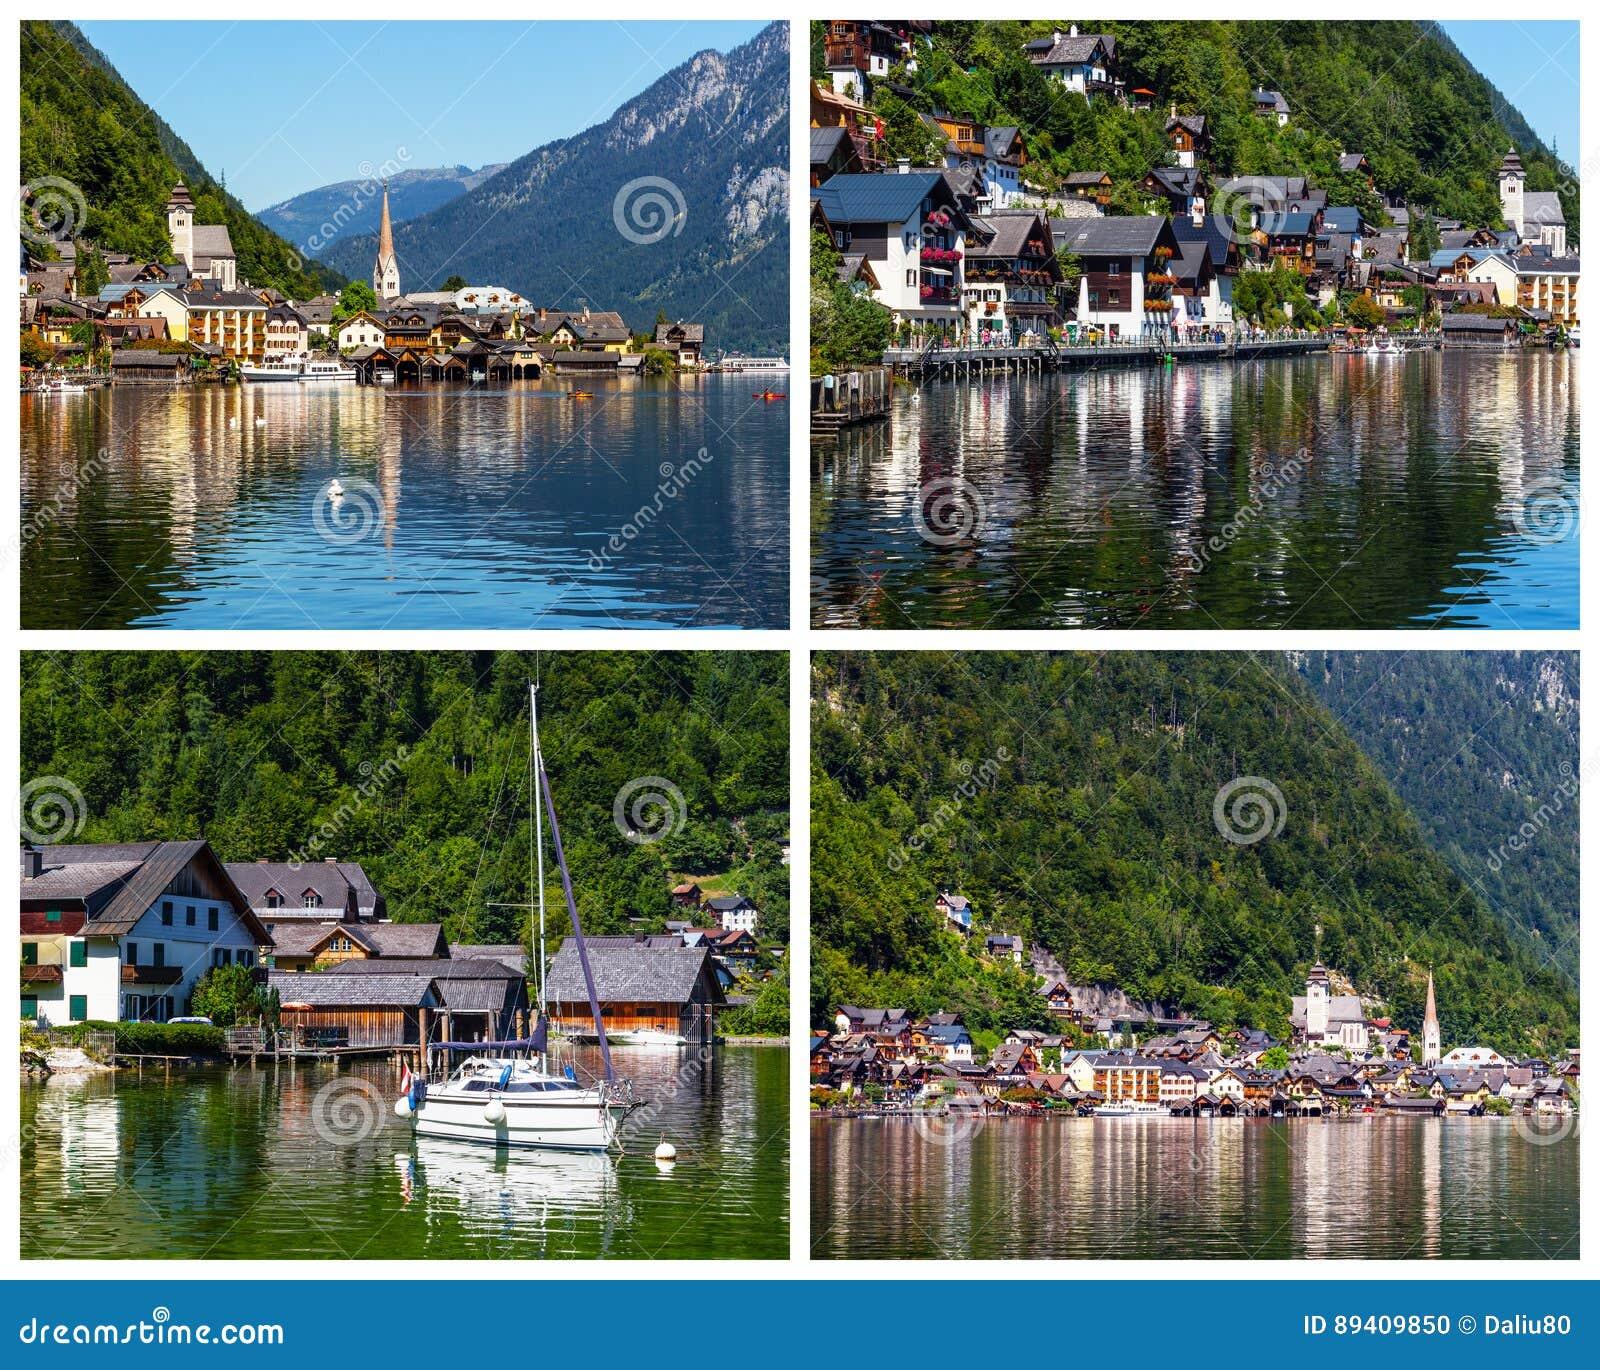 Colagem de fotos da vila de Hallstatt em Áustria